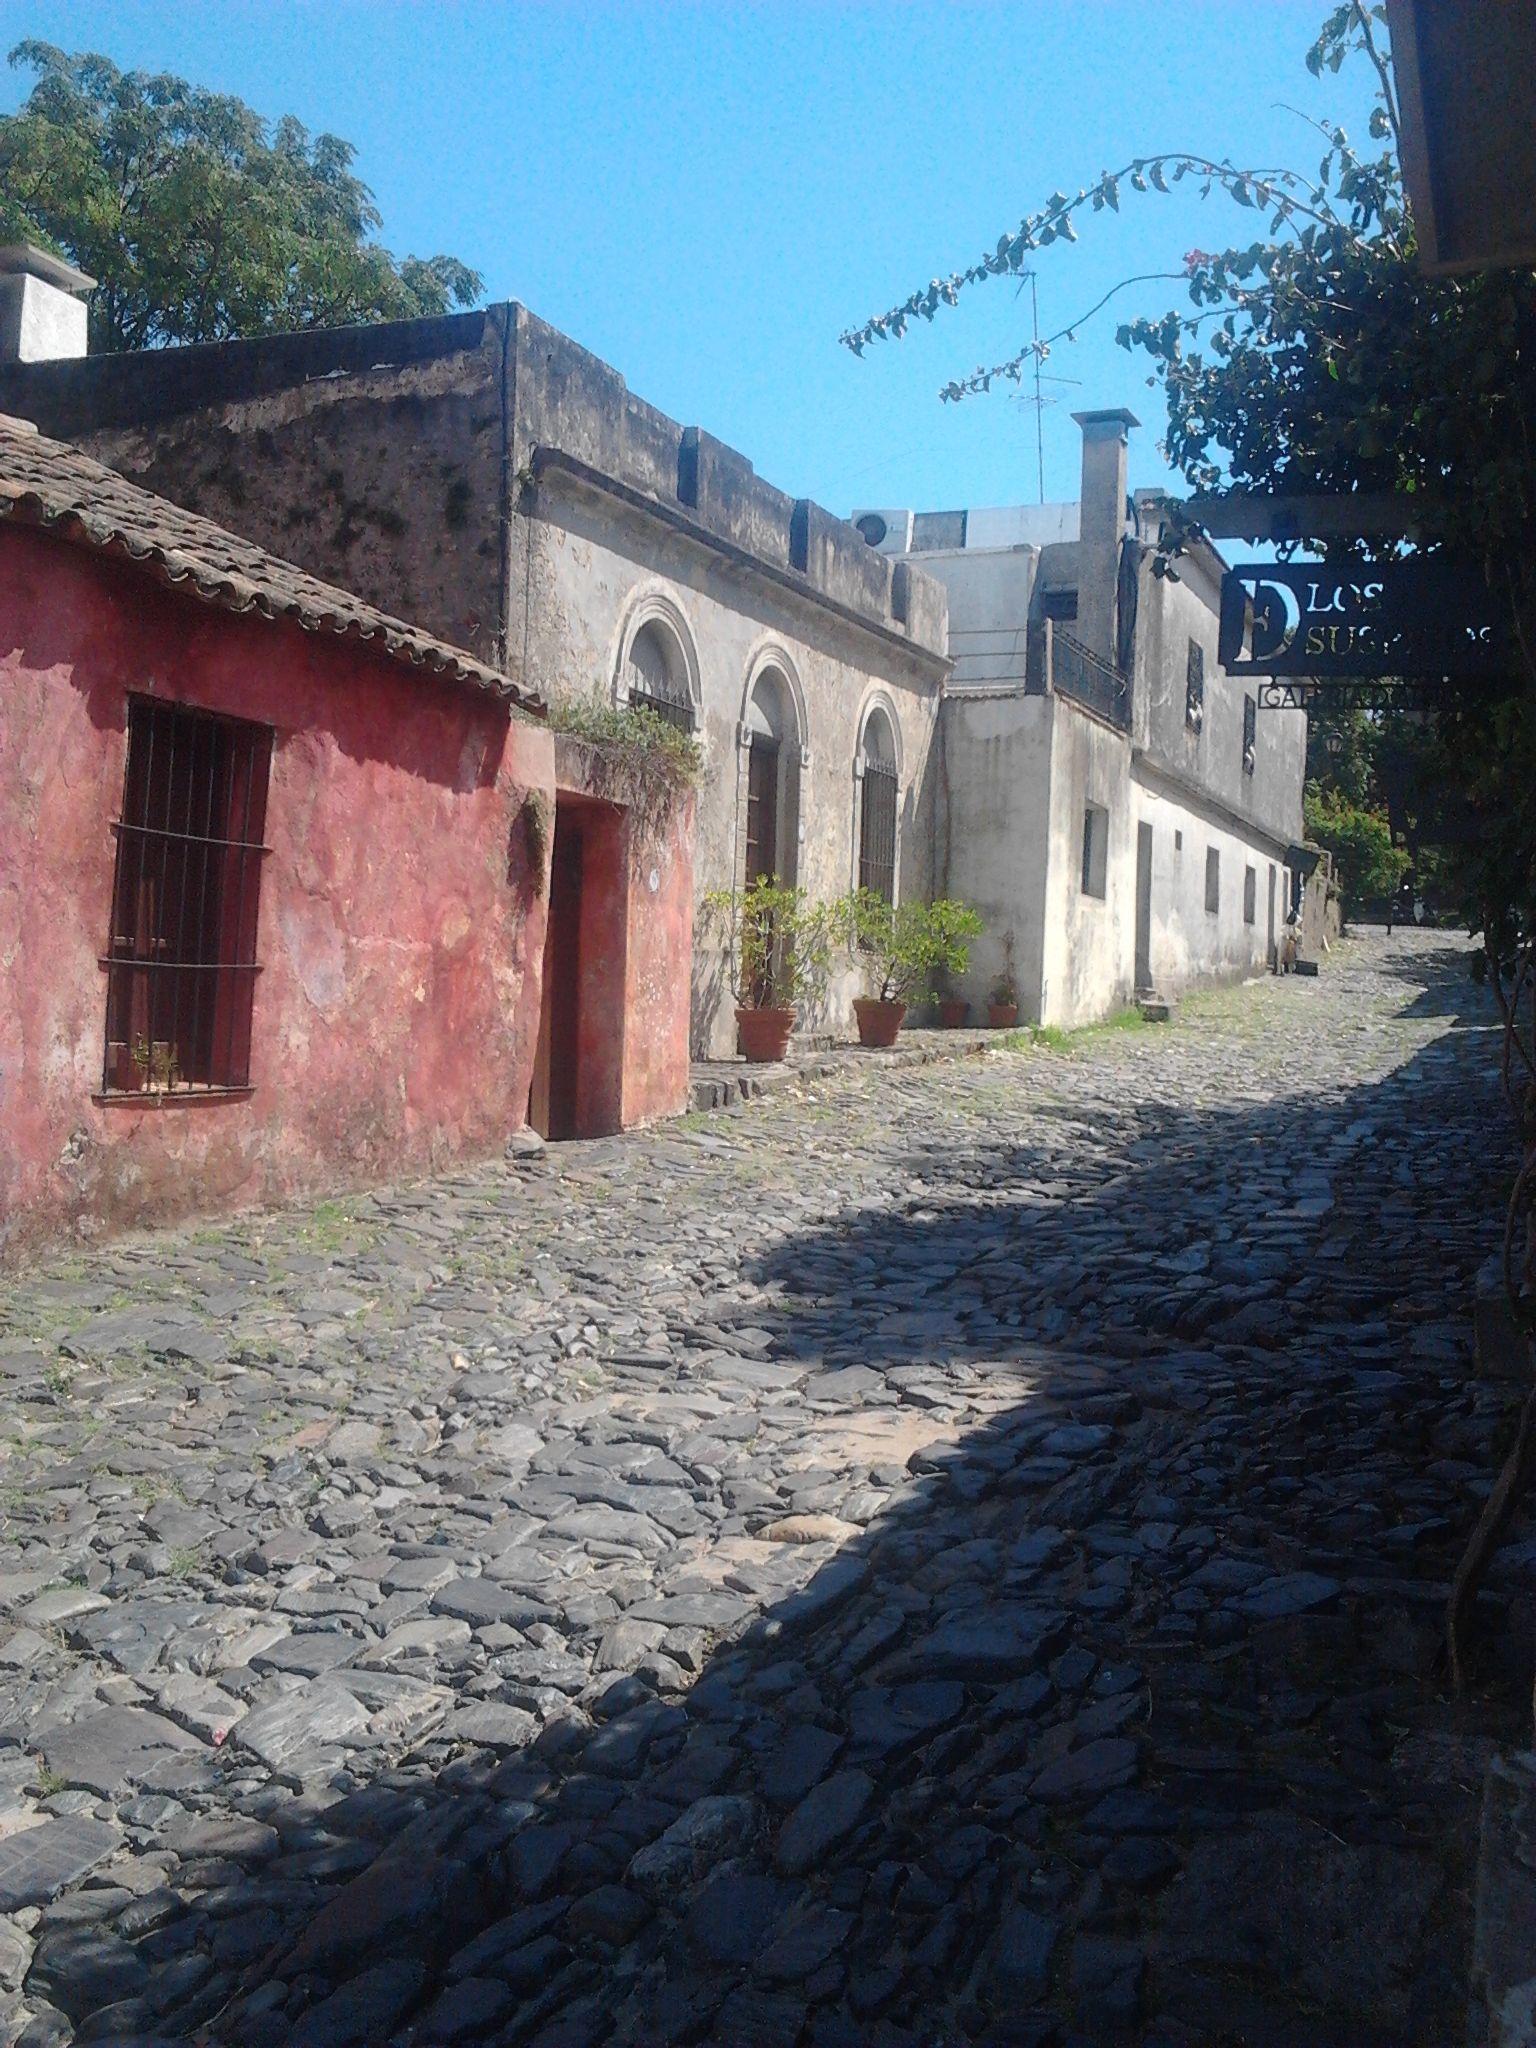 Old City Of Colonia Del Sacramento Uruguay South America Faces Buenos Aires Argentina Across The Rio De La Plata Irr Río De La Plata South America Colonia